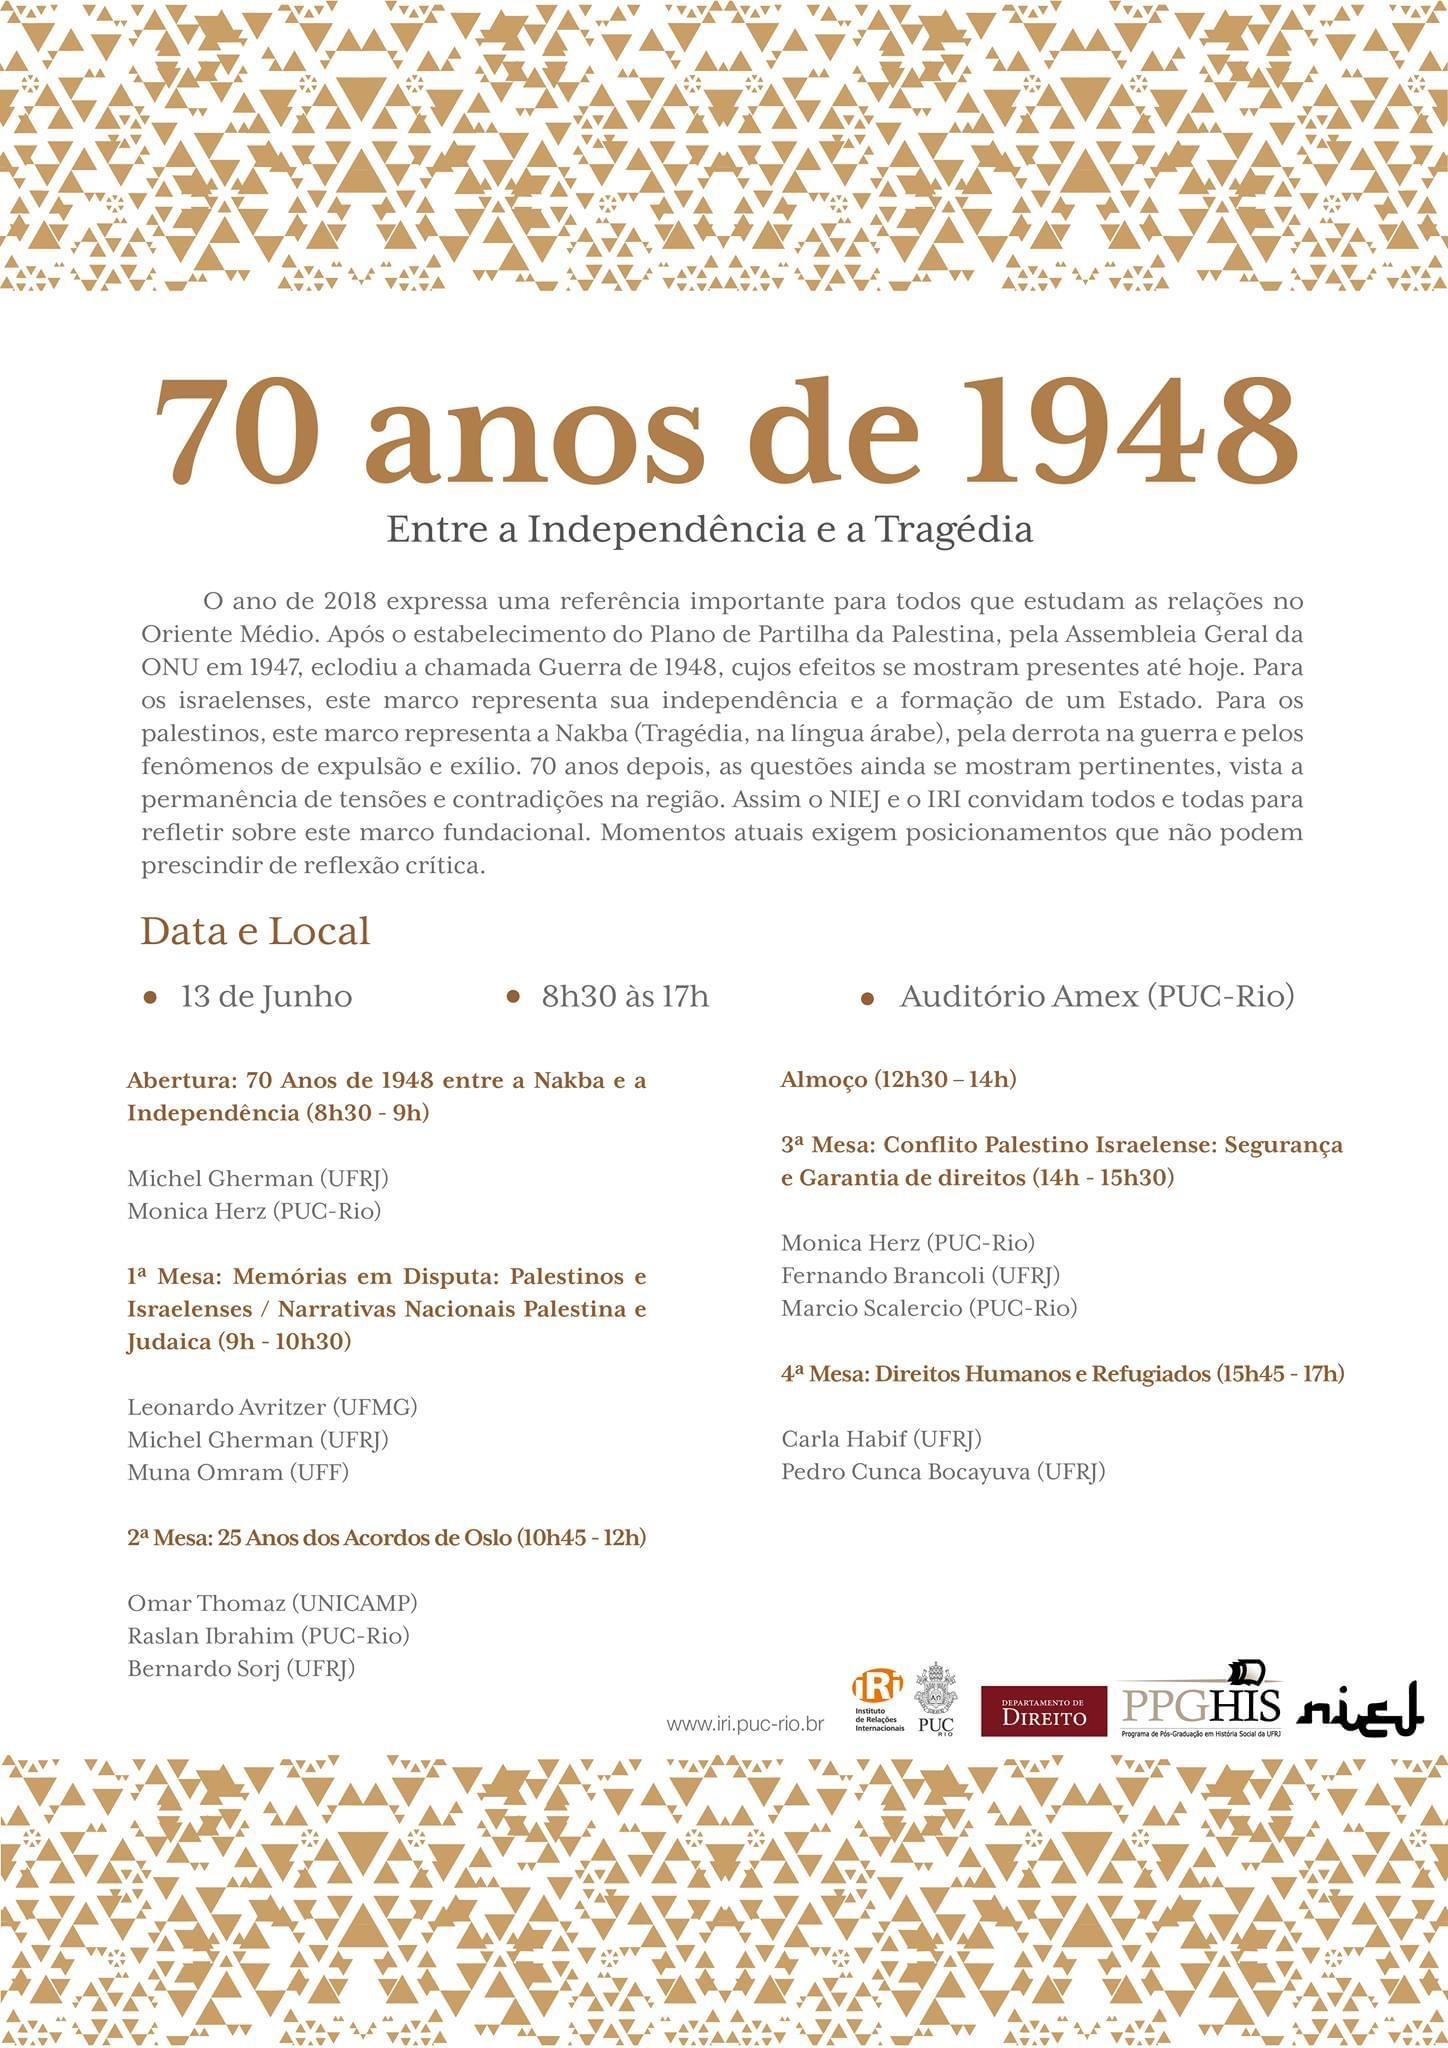 70 anos de 1948: Entre a Independência e a Tragédia